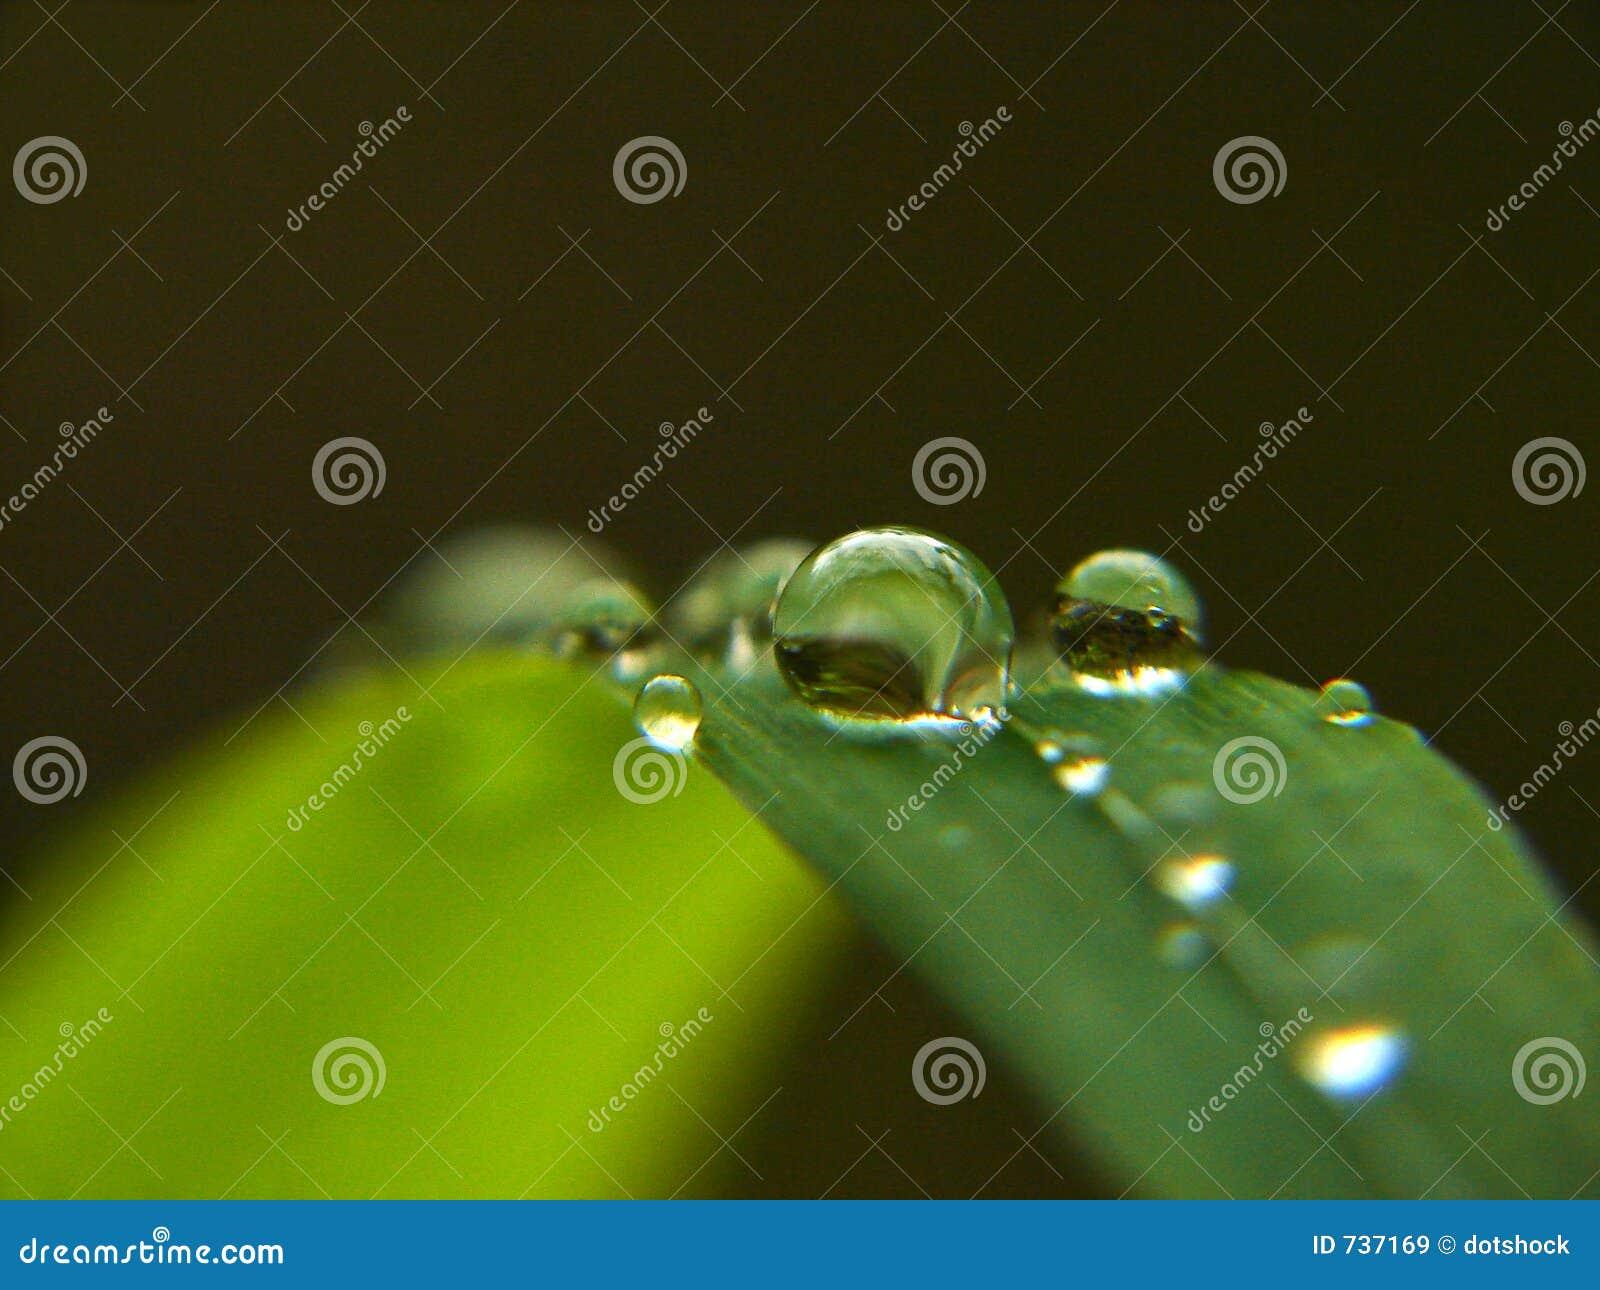 Dew drops in focus